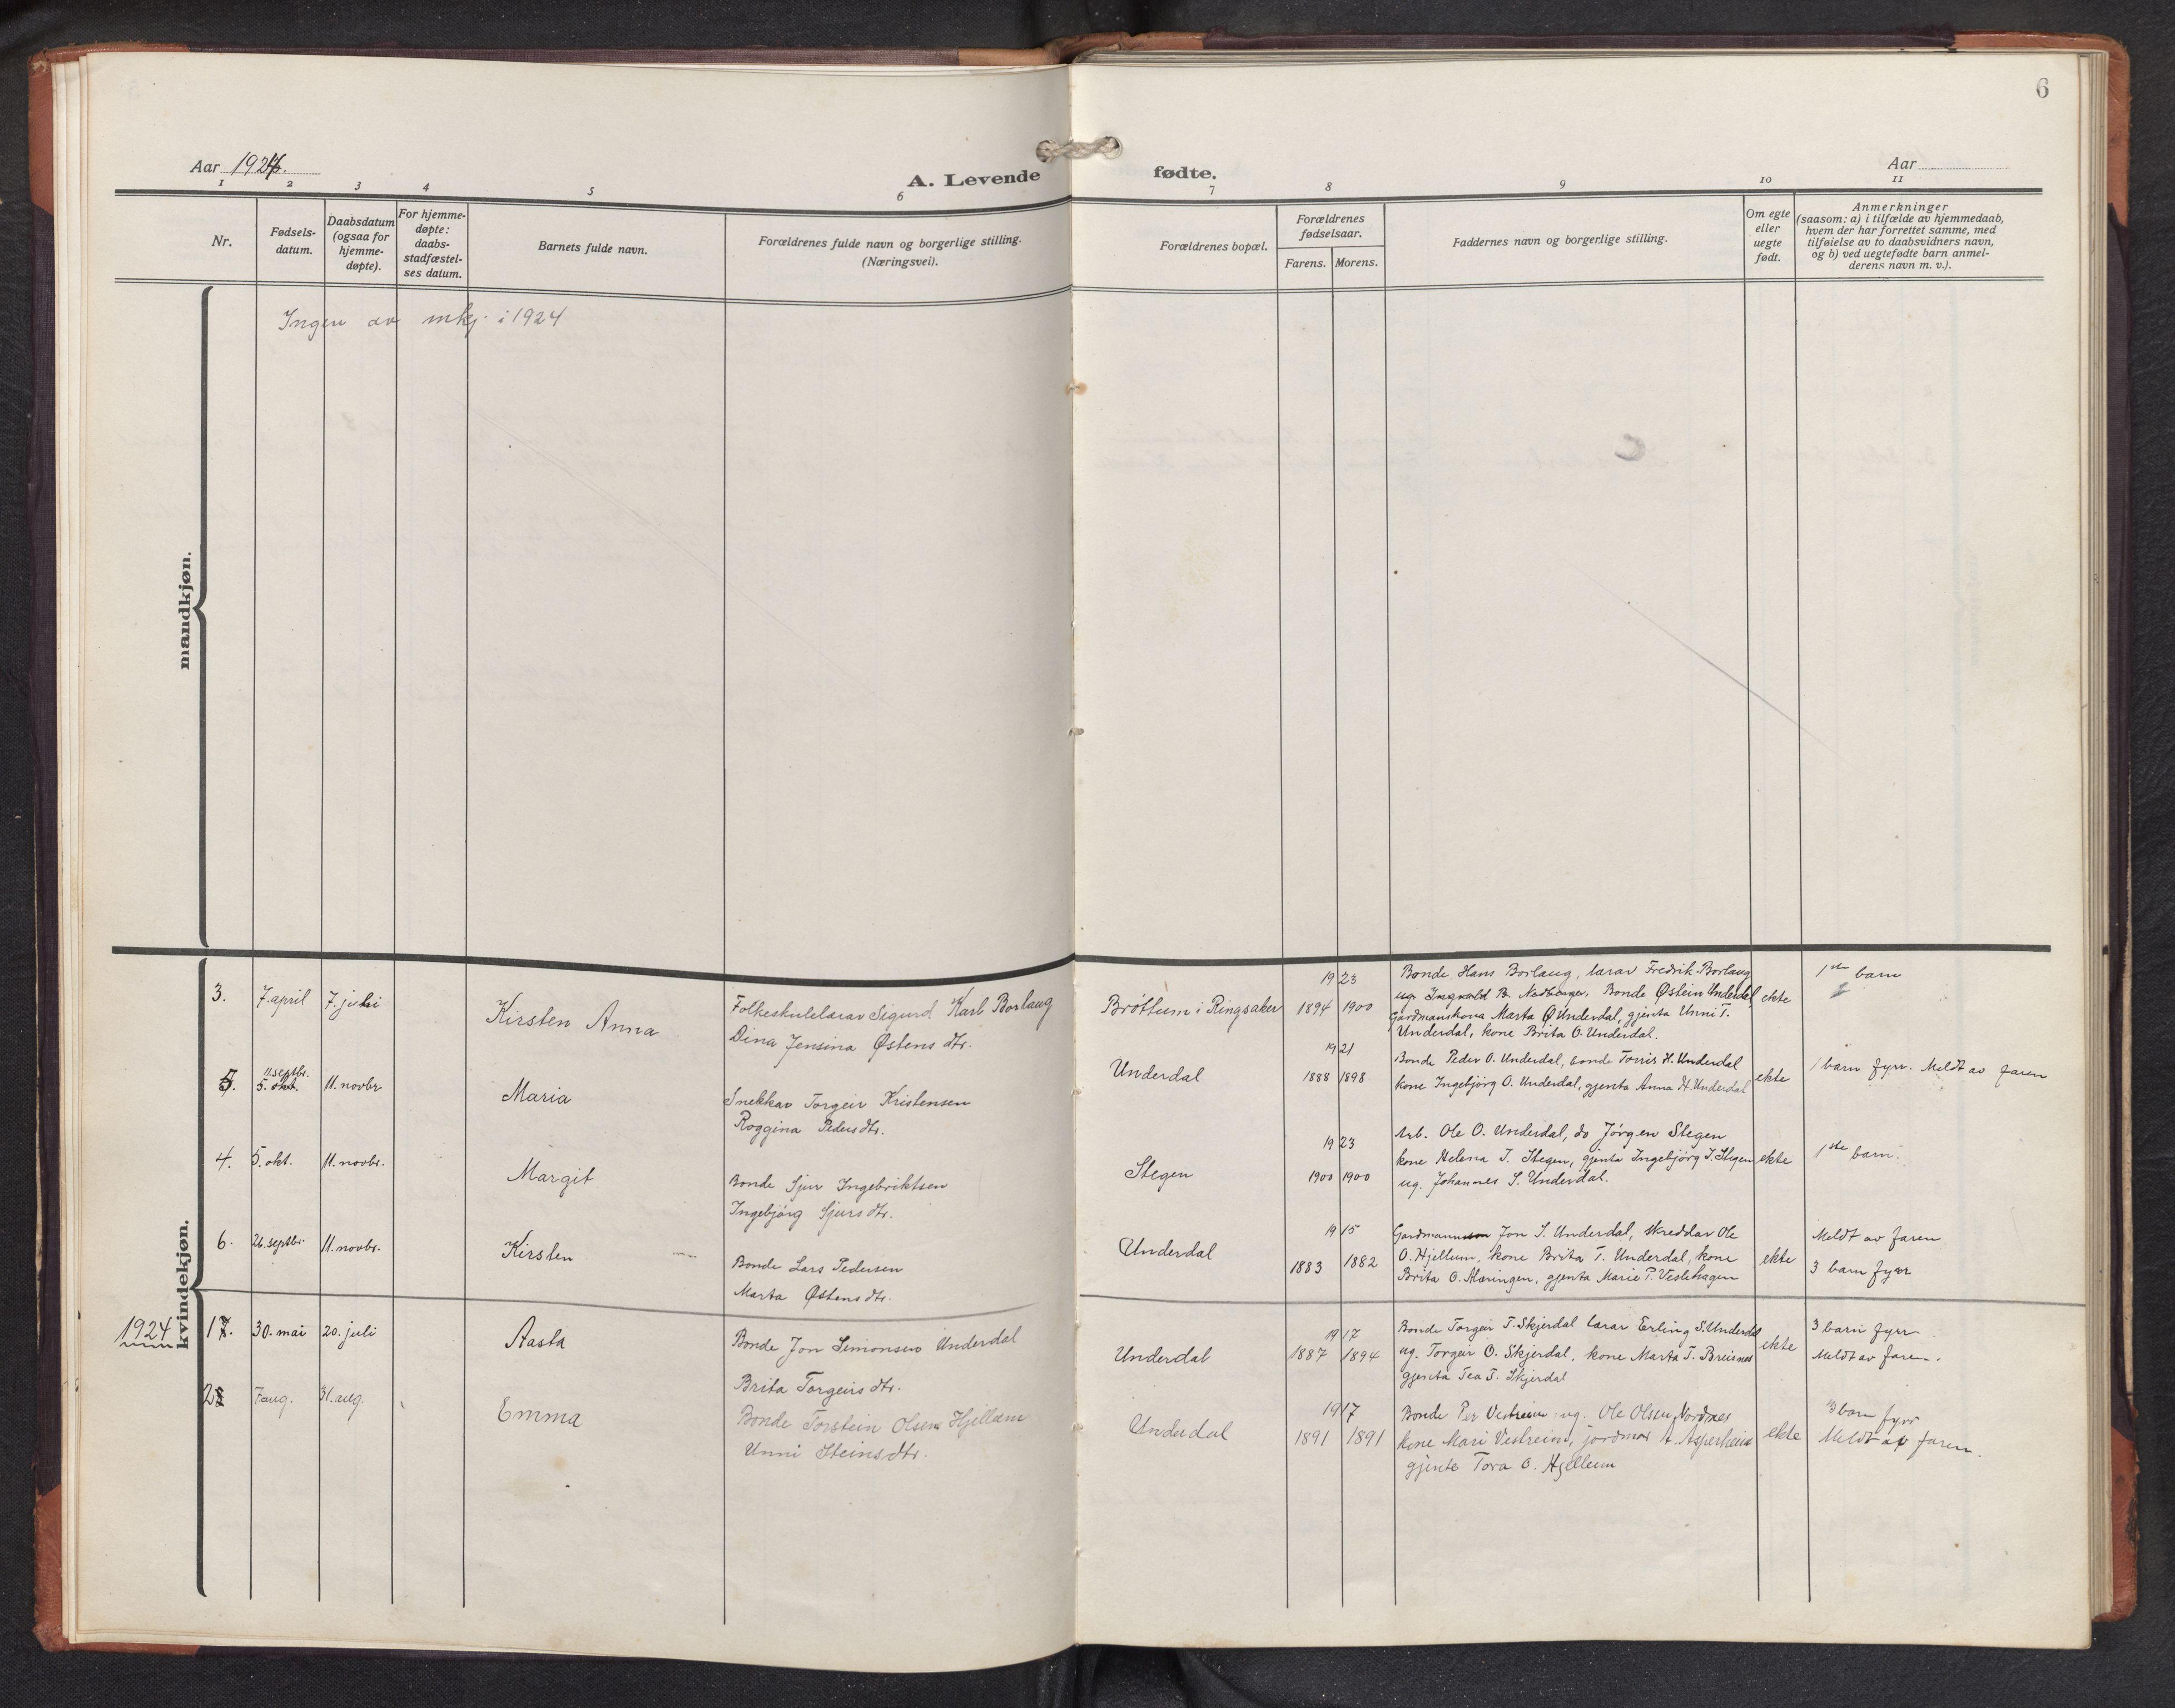 SAB, Aurland sokneprestembete, H/Hb/Hbd/L0003: Parish register (copy) no. D 3, 1920-1968, p. 5b-6a